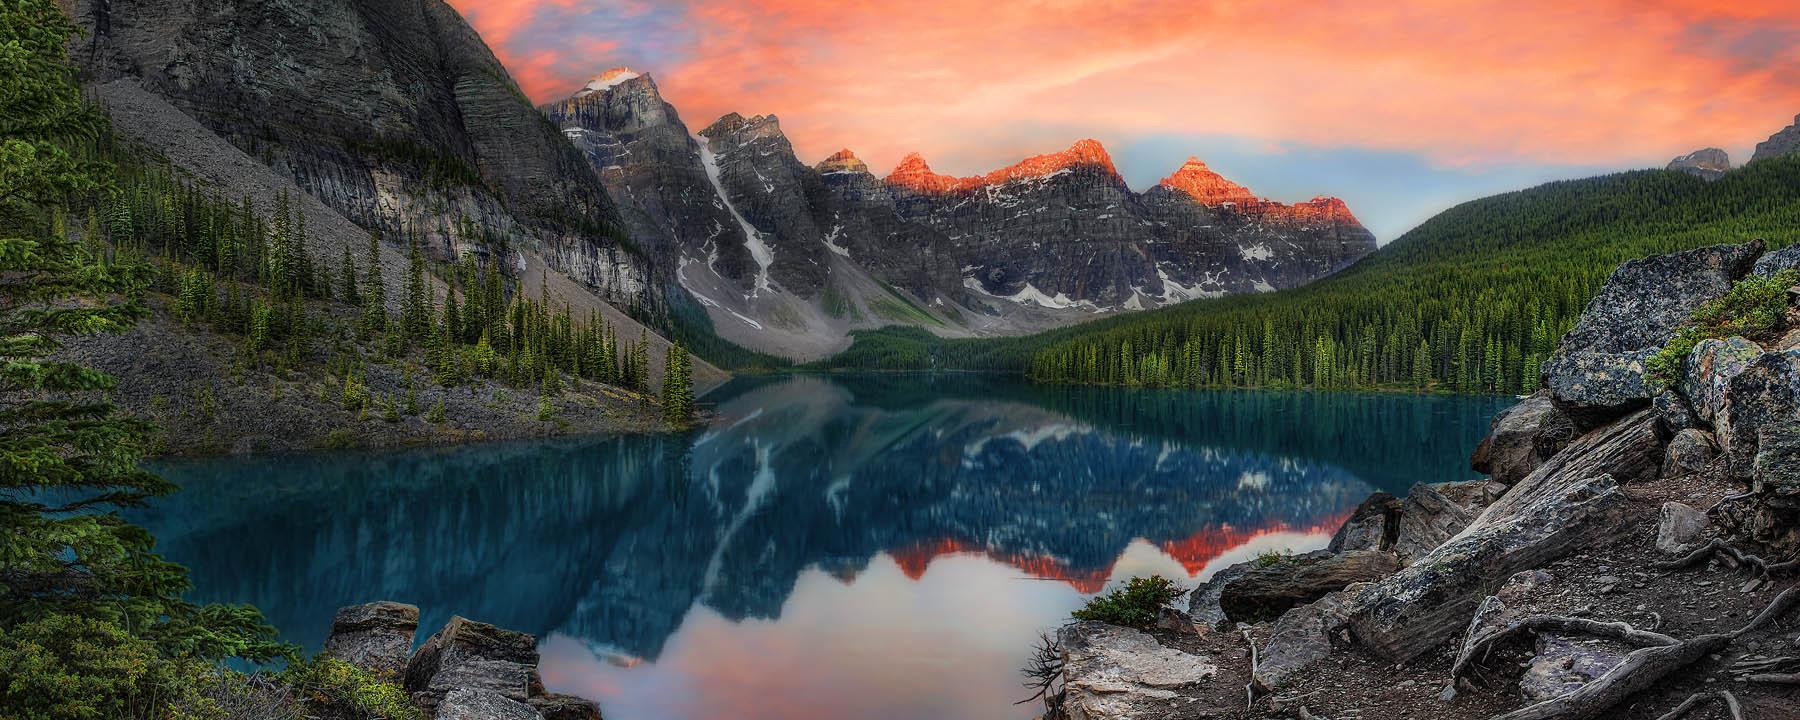 Lake Moraine ar Sunrise